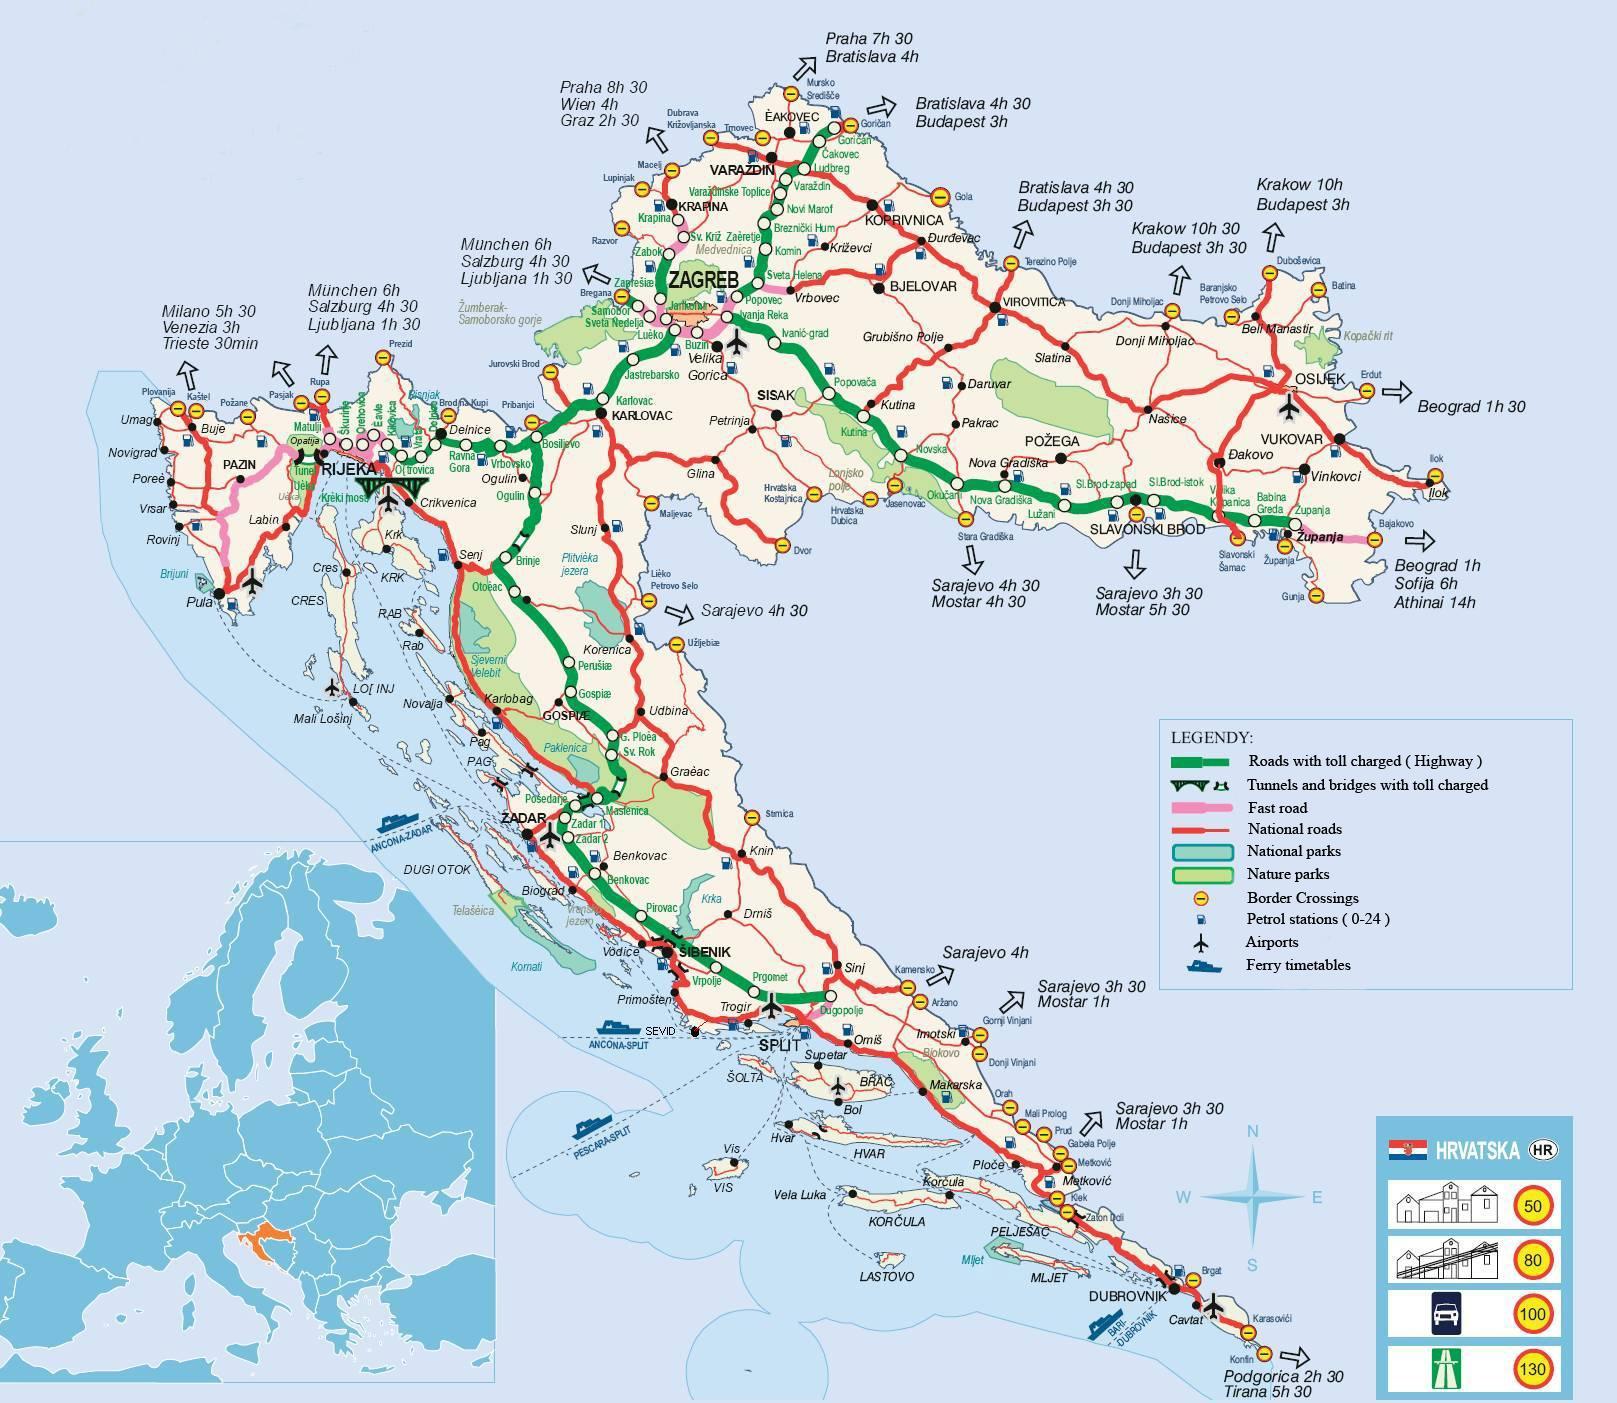 Cartina Geografica Europa Meridionale.Mappe Della Croazia Trasporti Geografia E Mappe Turistiche Della Croazia Nell Europa Meridionale